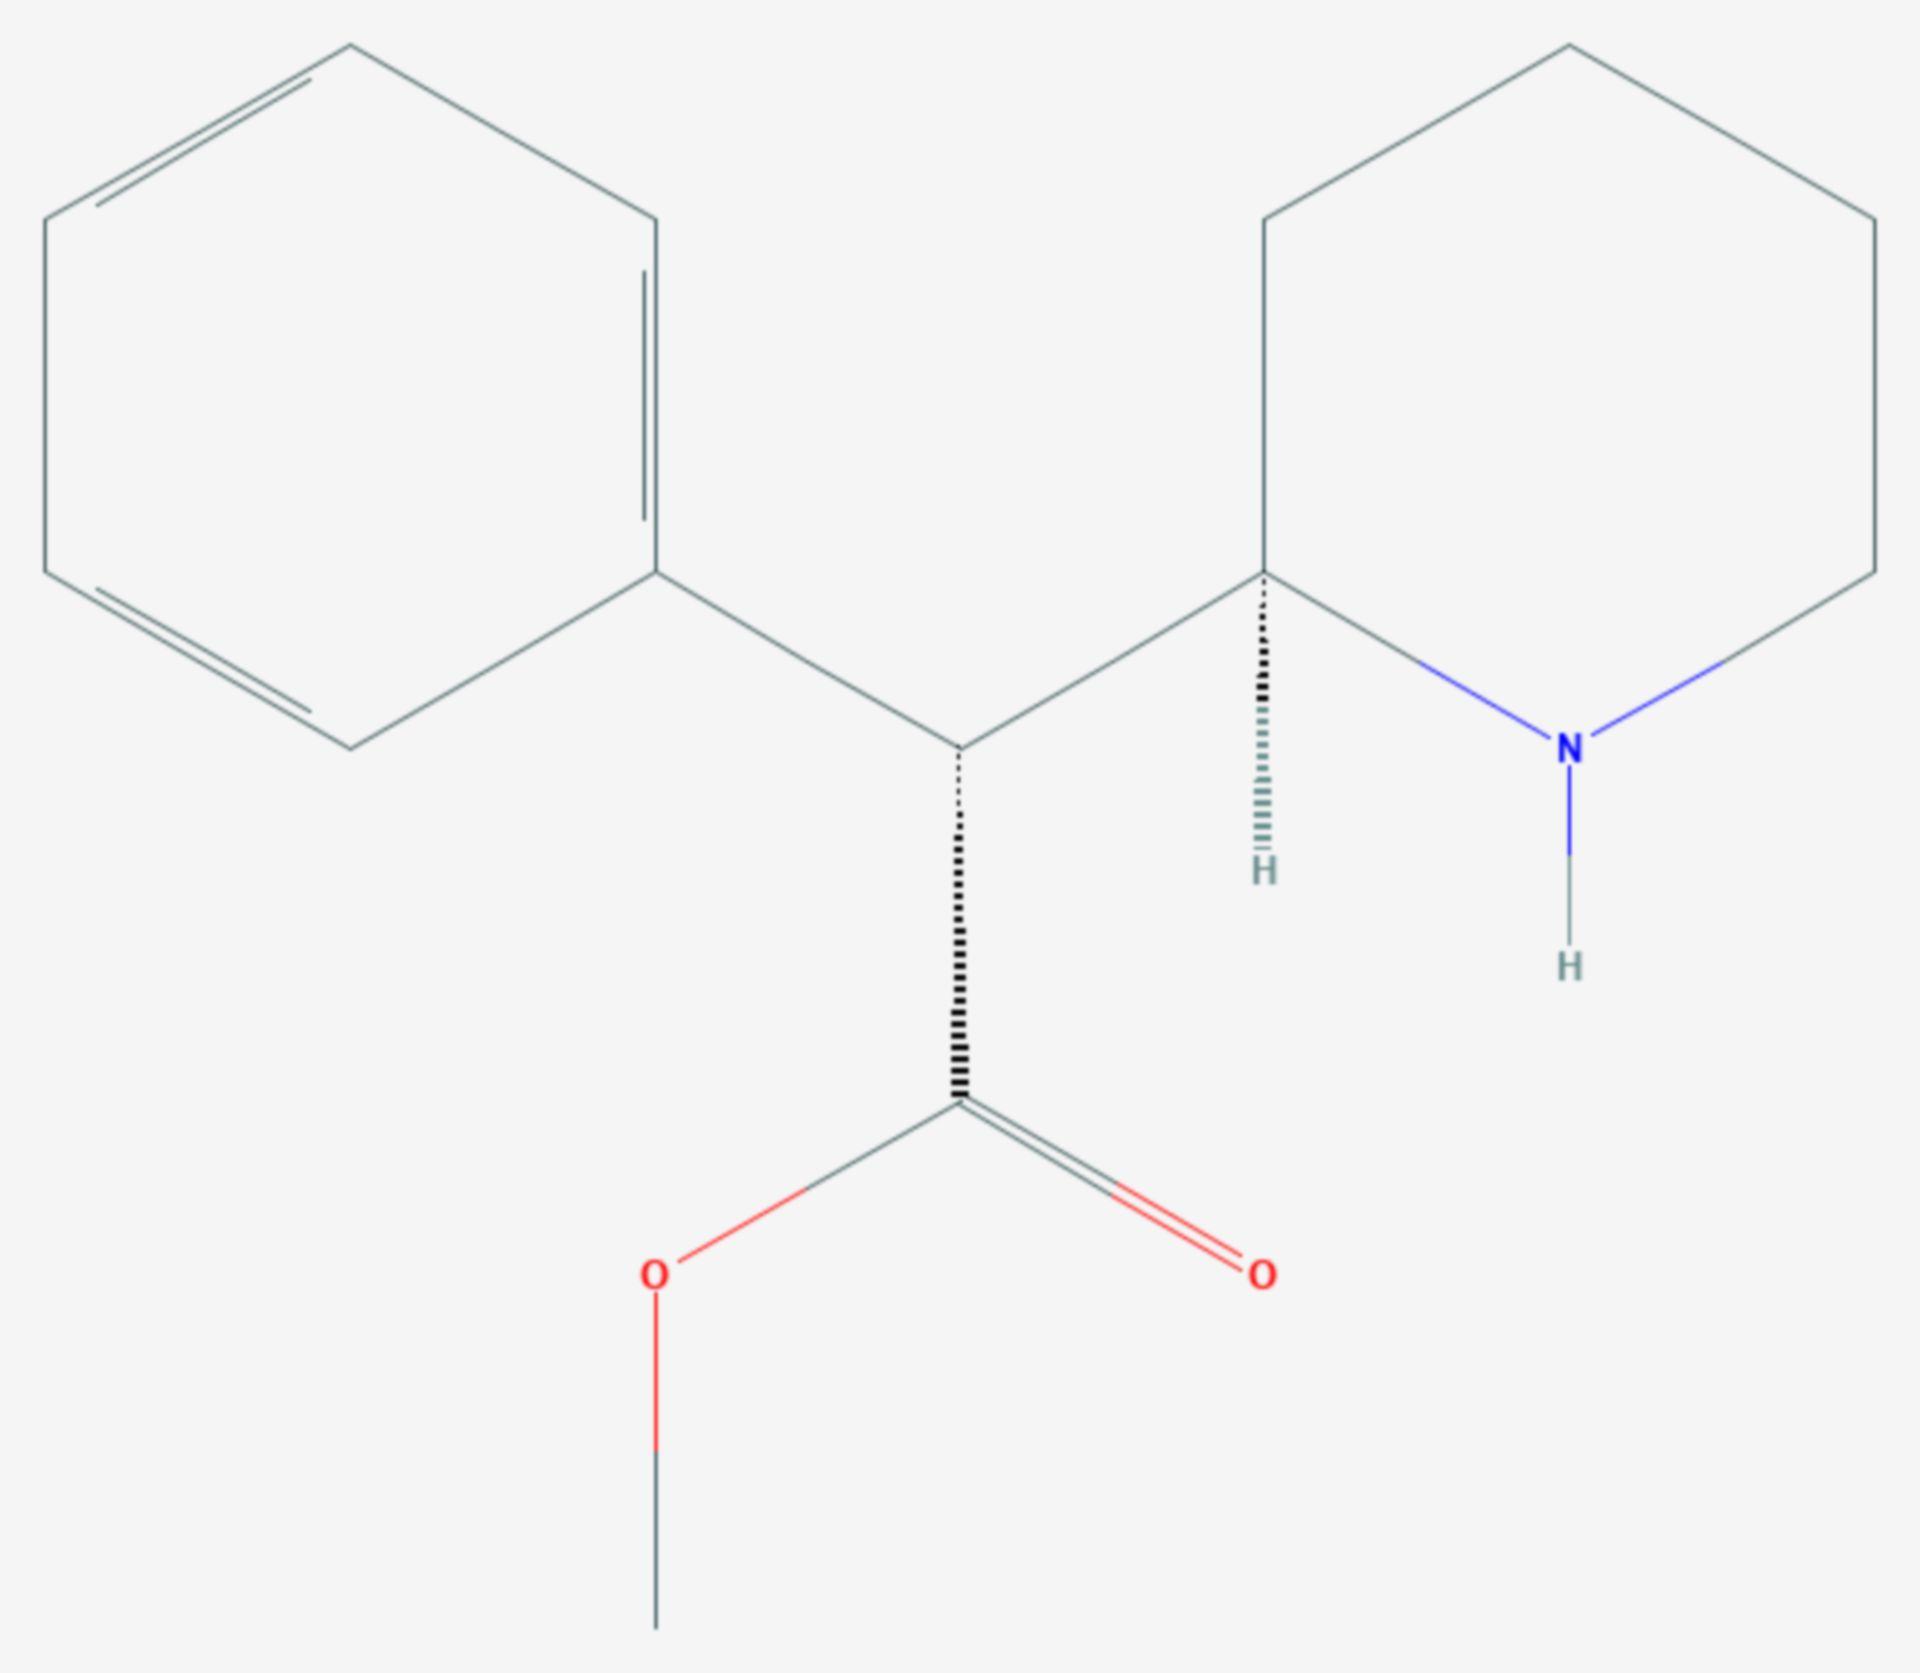 Dexmethylphenidat (Strukturformel)